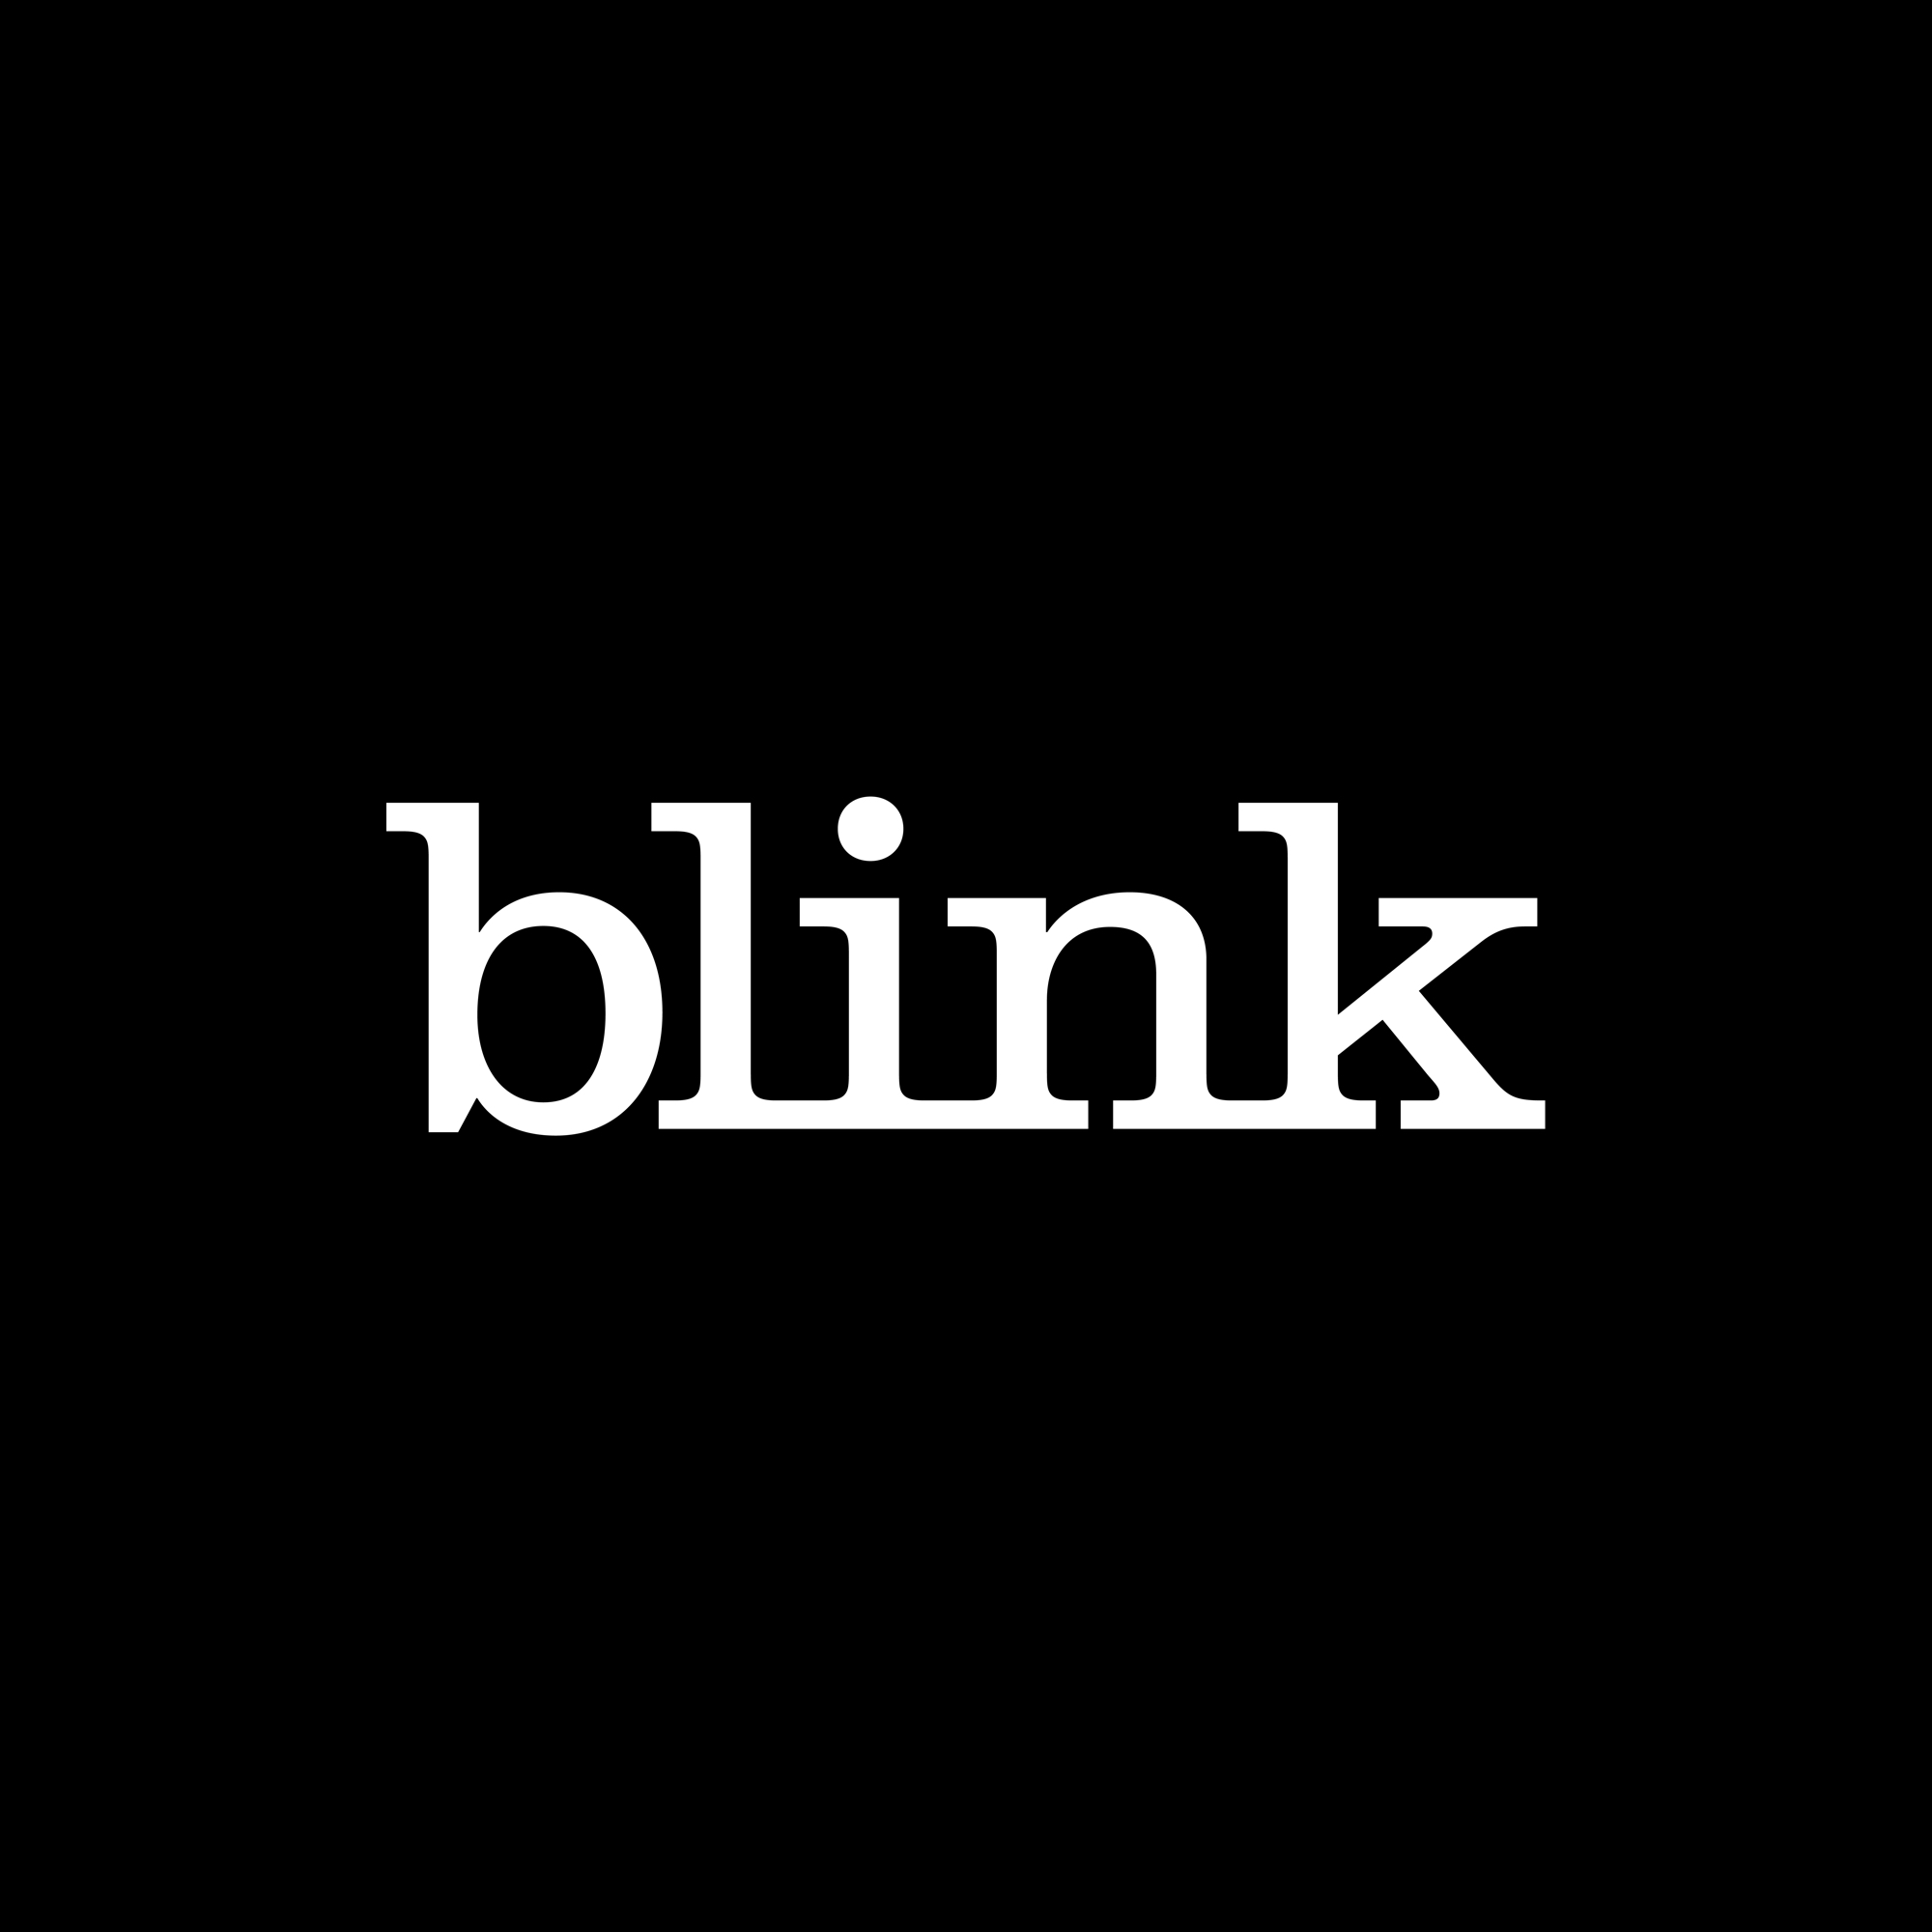 Blink UX logo